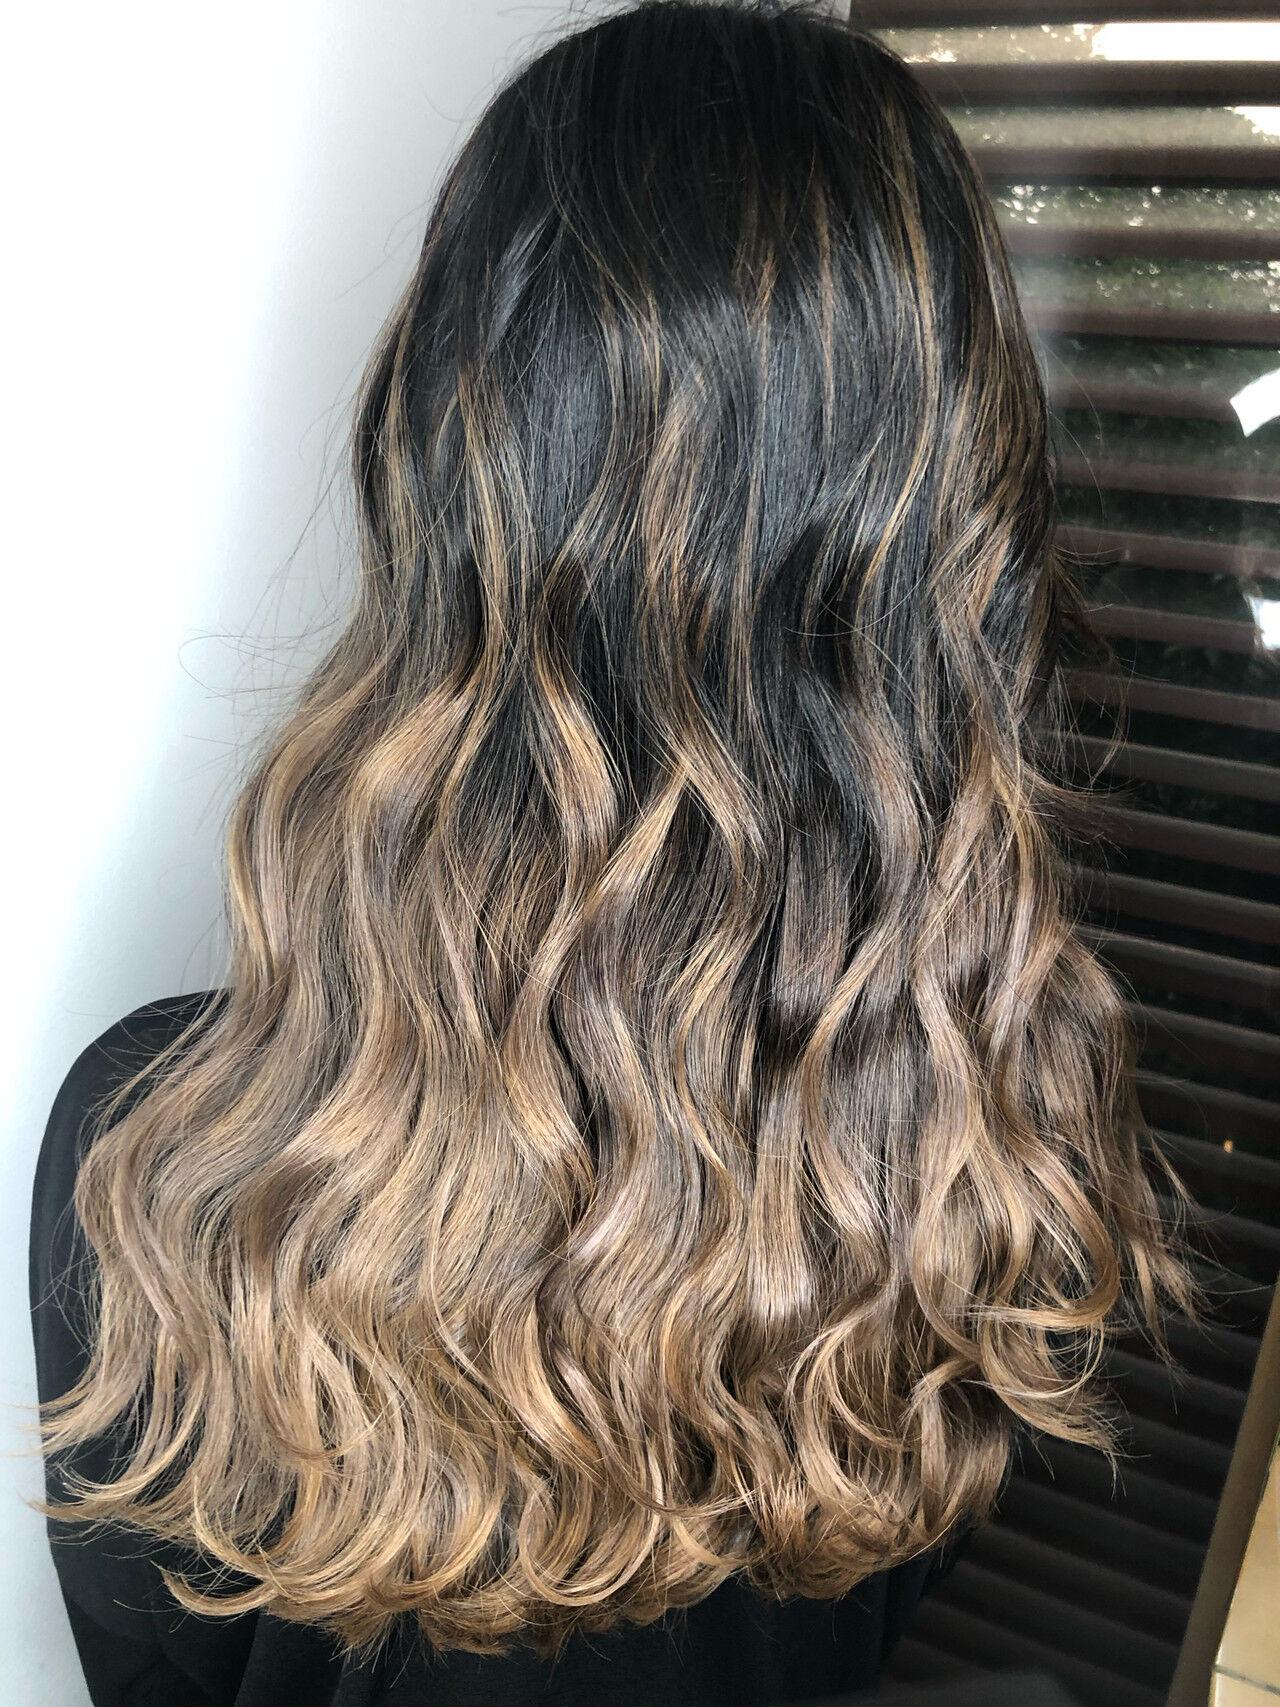 アッシュ 外国人風カラー エレガント ハイライトヘアスタイルや髪型の写真・画像